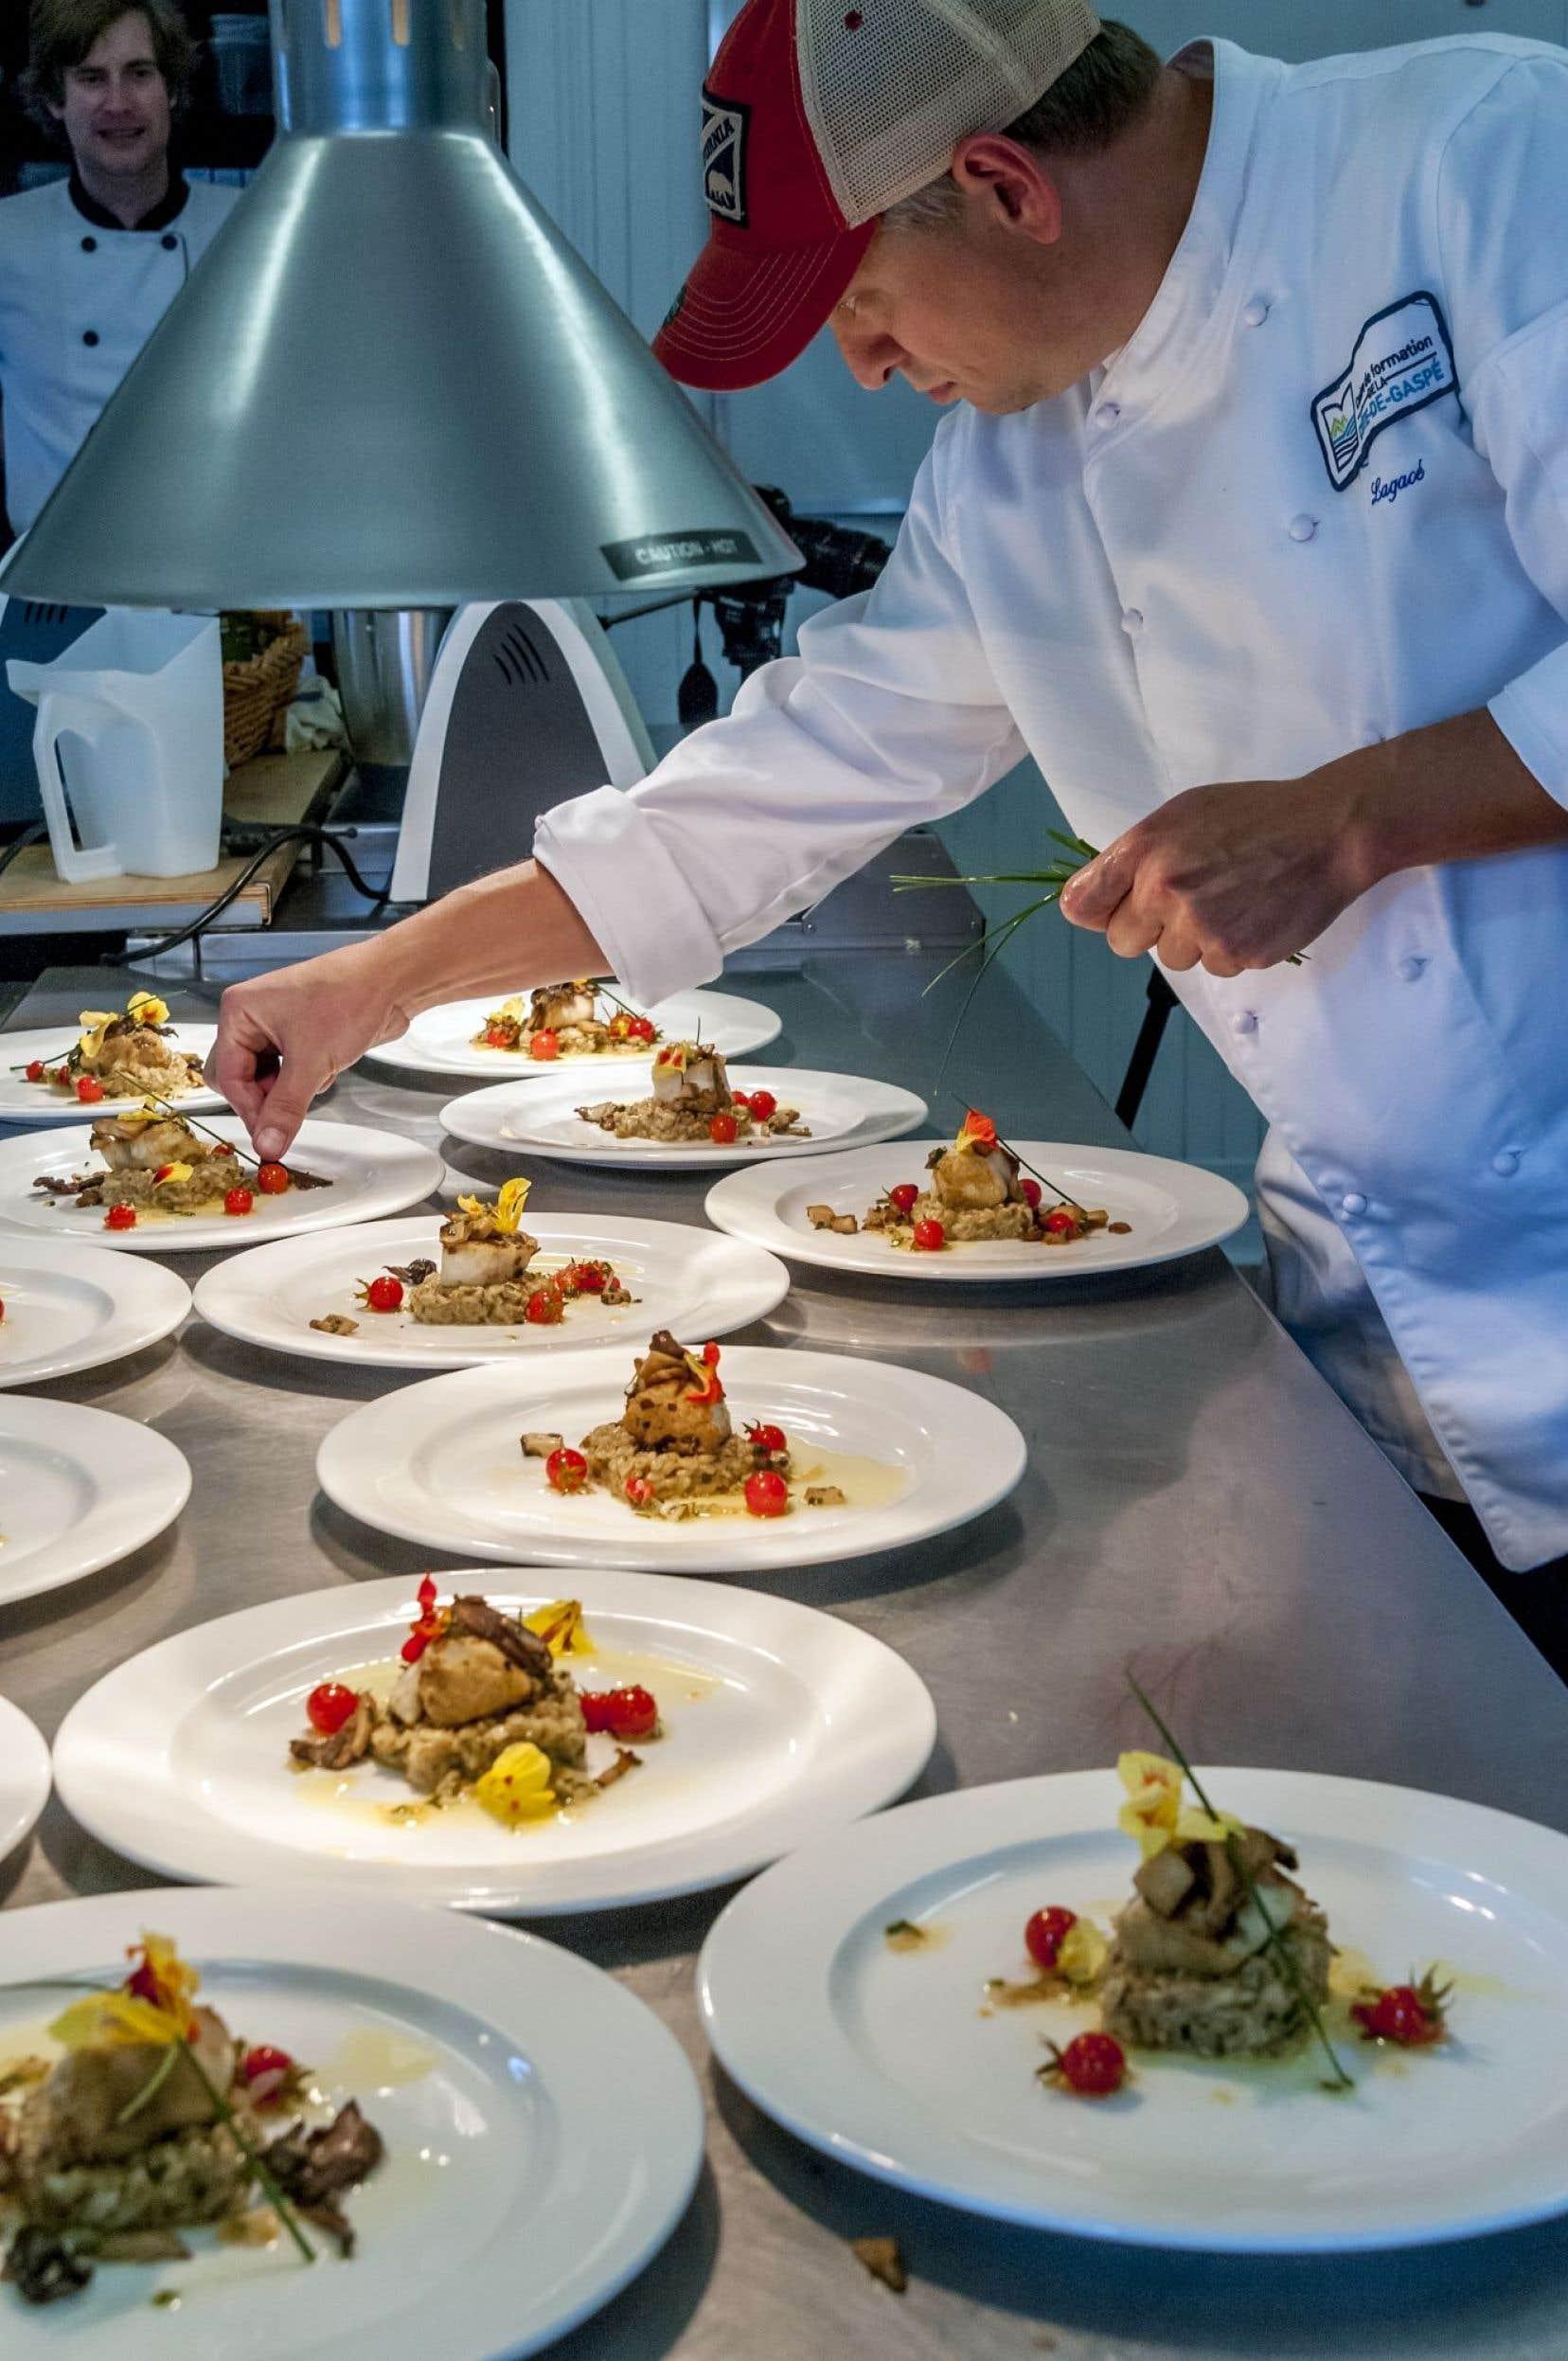 Lors d'un concours entre les chefs invités à la première édition du festival culinaire La Grande Table, aux Jardins de Métis, le chef enseignant André Lagacé, du Centre de formation de la Côte-de-Gaspé, a couché son poisson sur un lit d'avoine nue travaillé comme un risotto et il a remporté le défi.